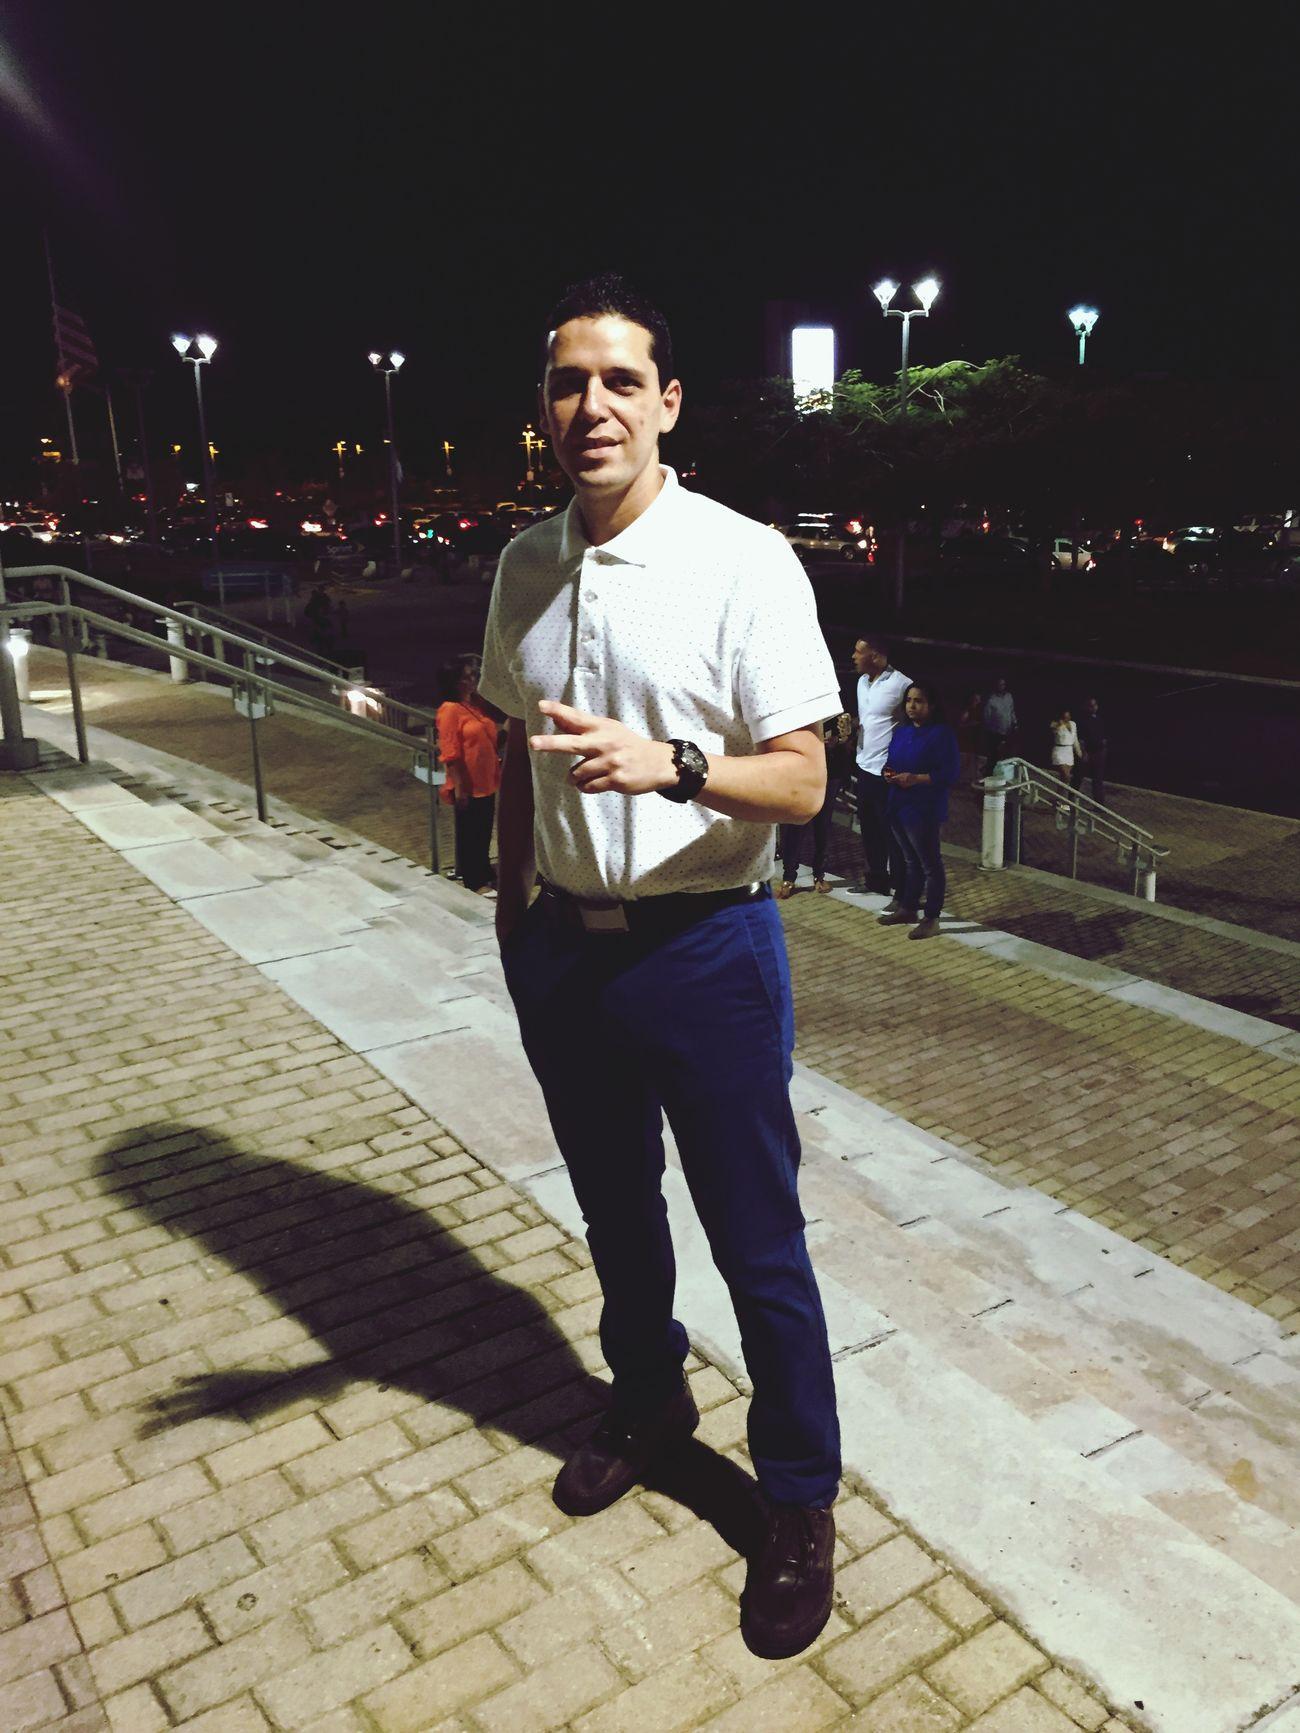 LastNight That's Me San Juan RicardoArjona concer